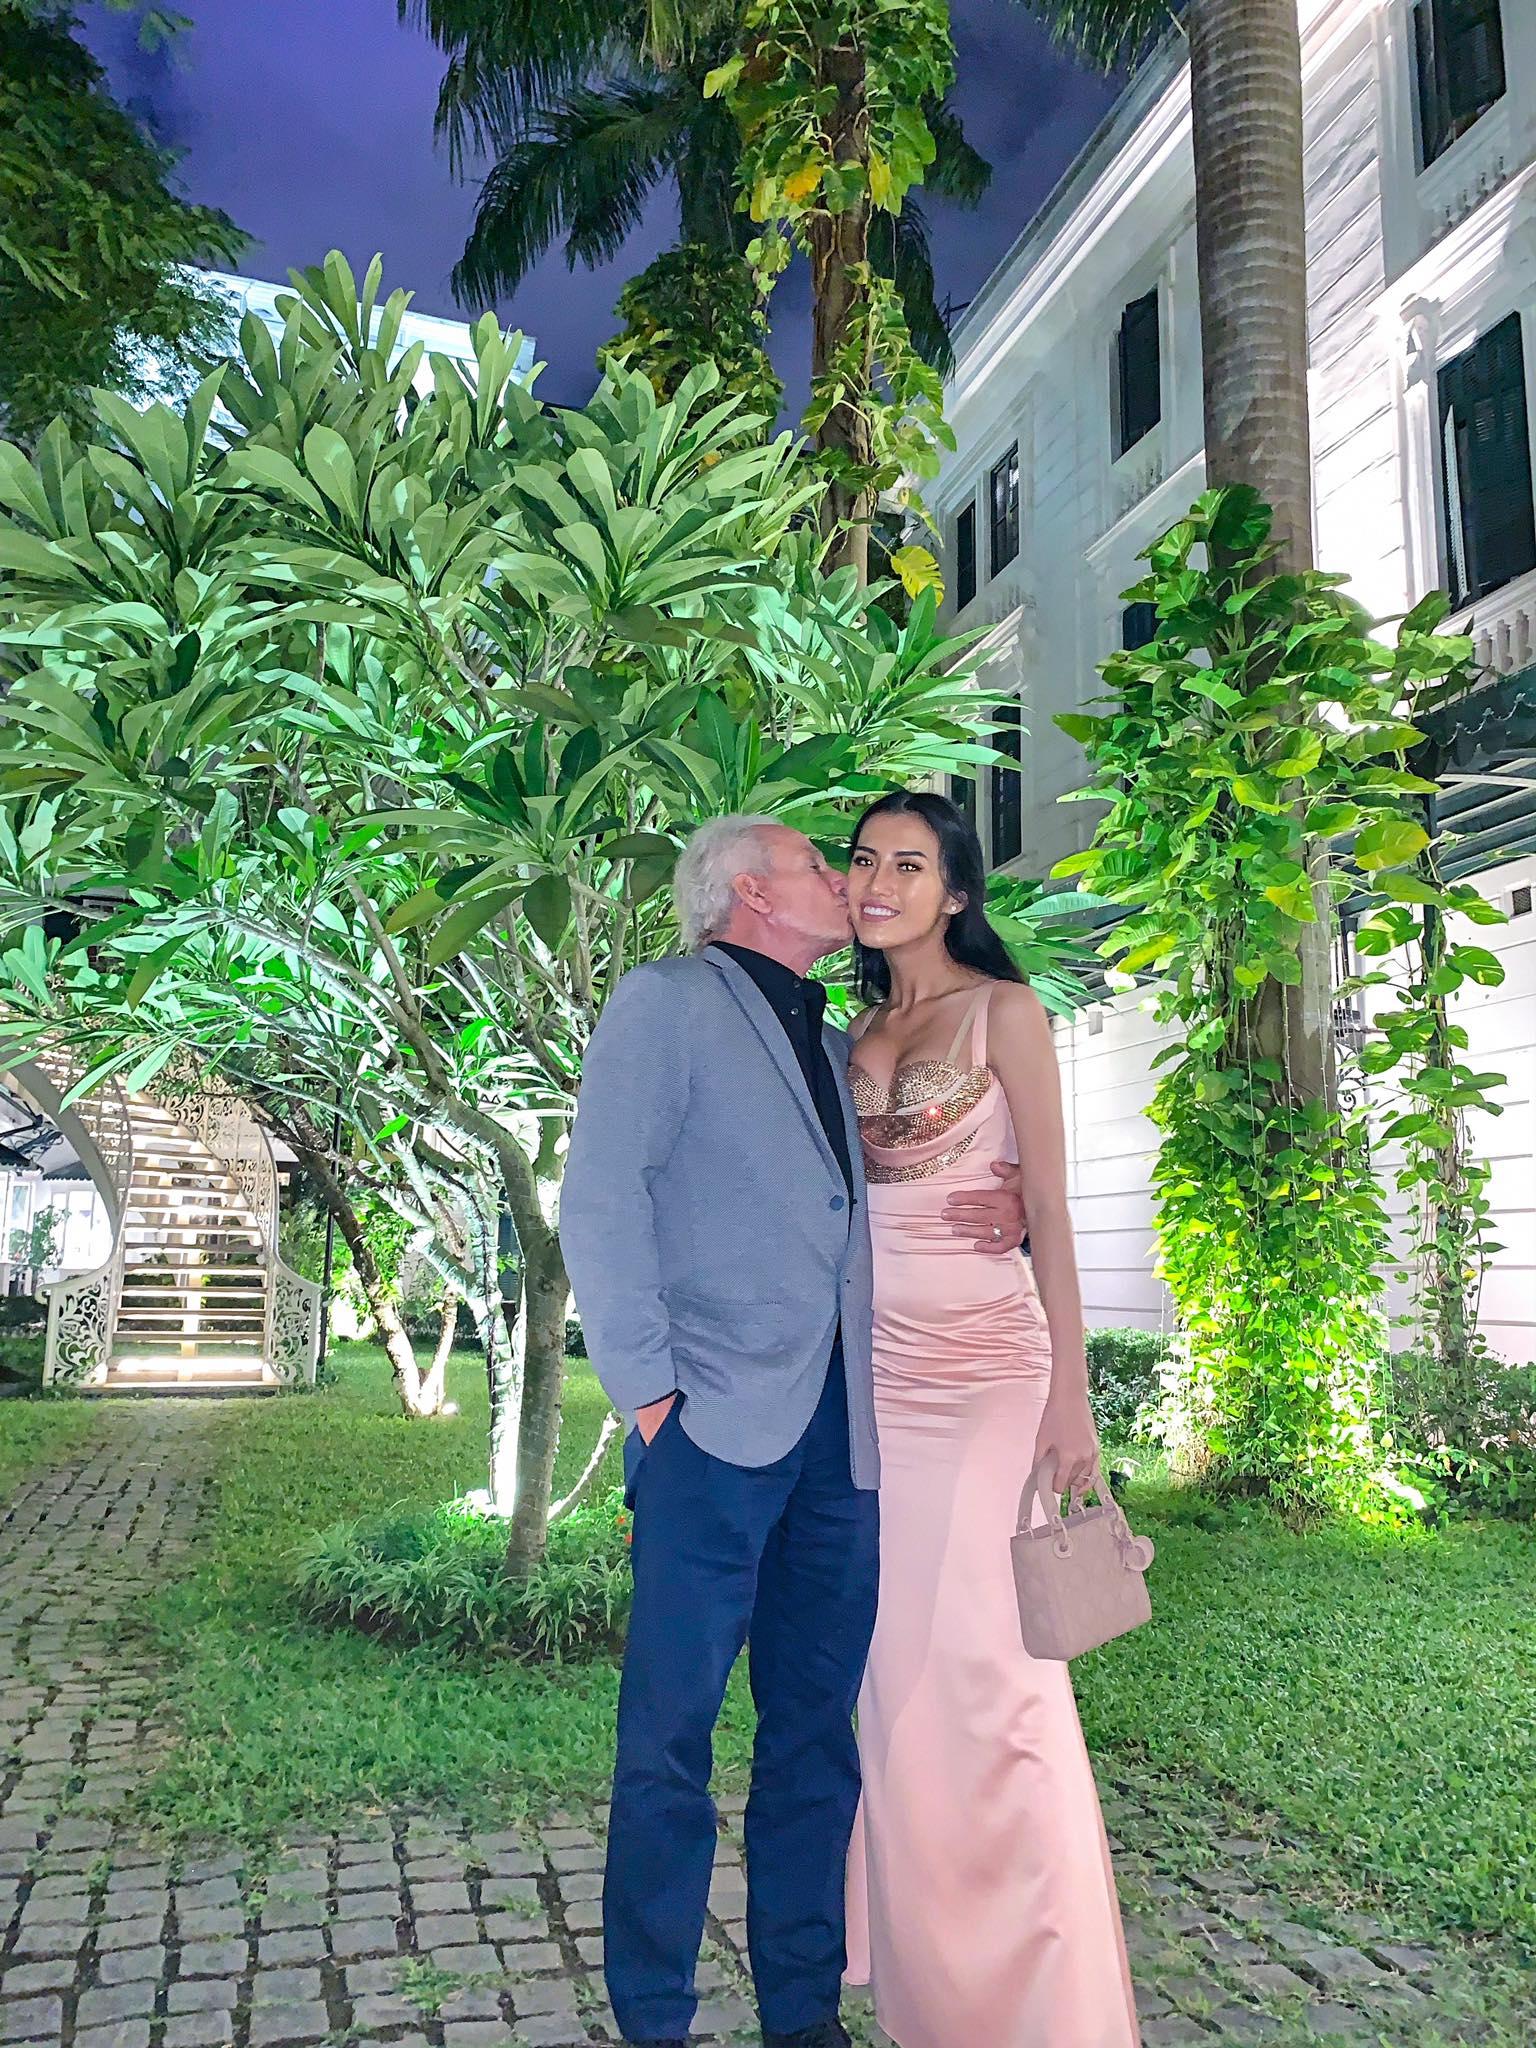 Cô gái Việt 26 tuổi tuyên bố chia tay tỷ phú Mỹ 72 tuổi dù đã đính hôn ở khách sạn 6 sao: Quyết chấm dứt vì lý do không tin nổi-5